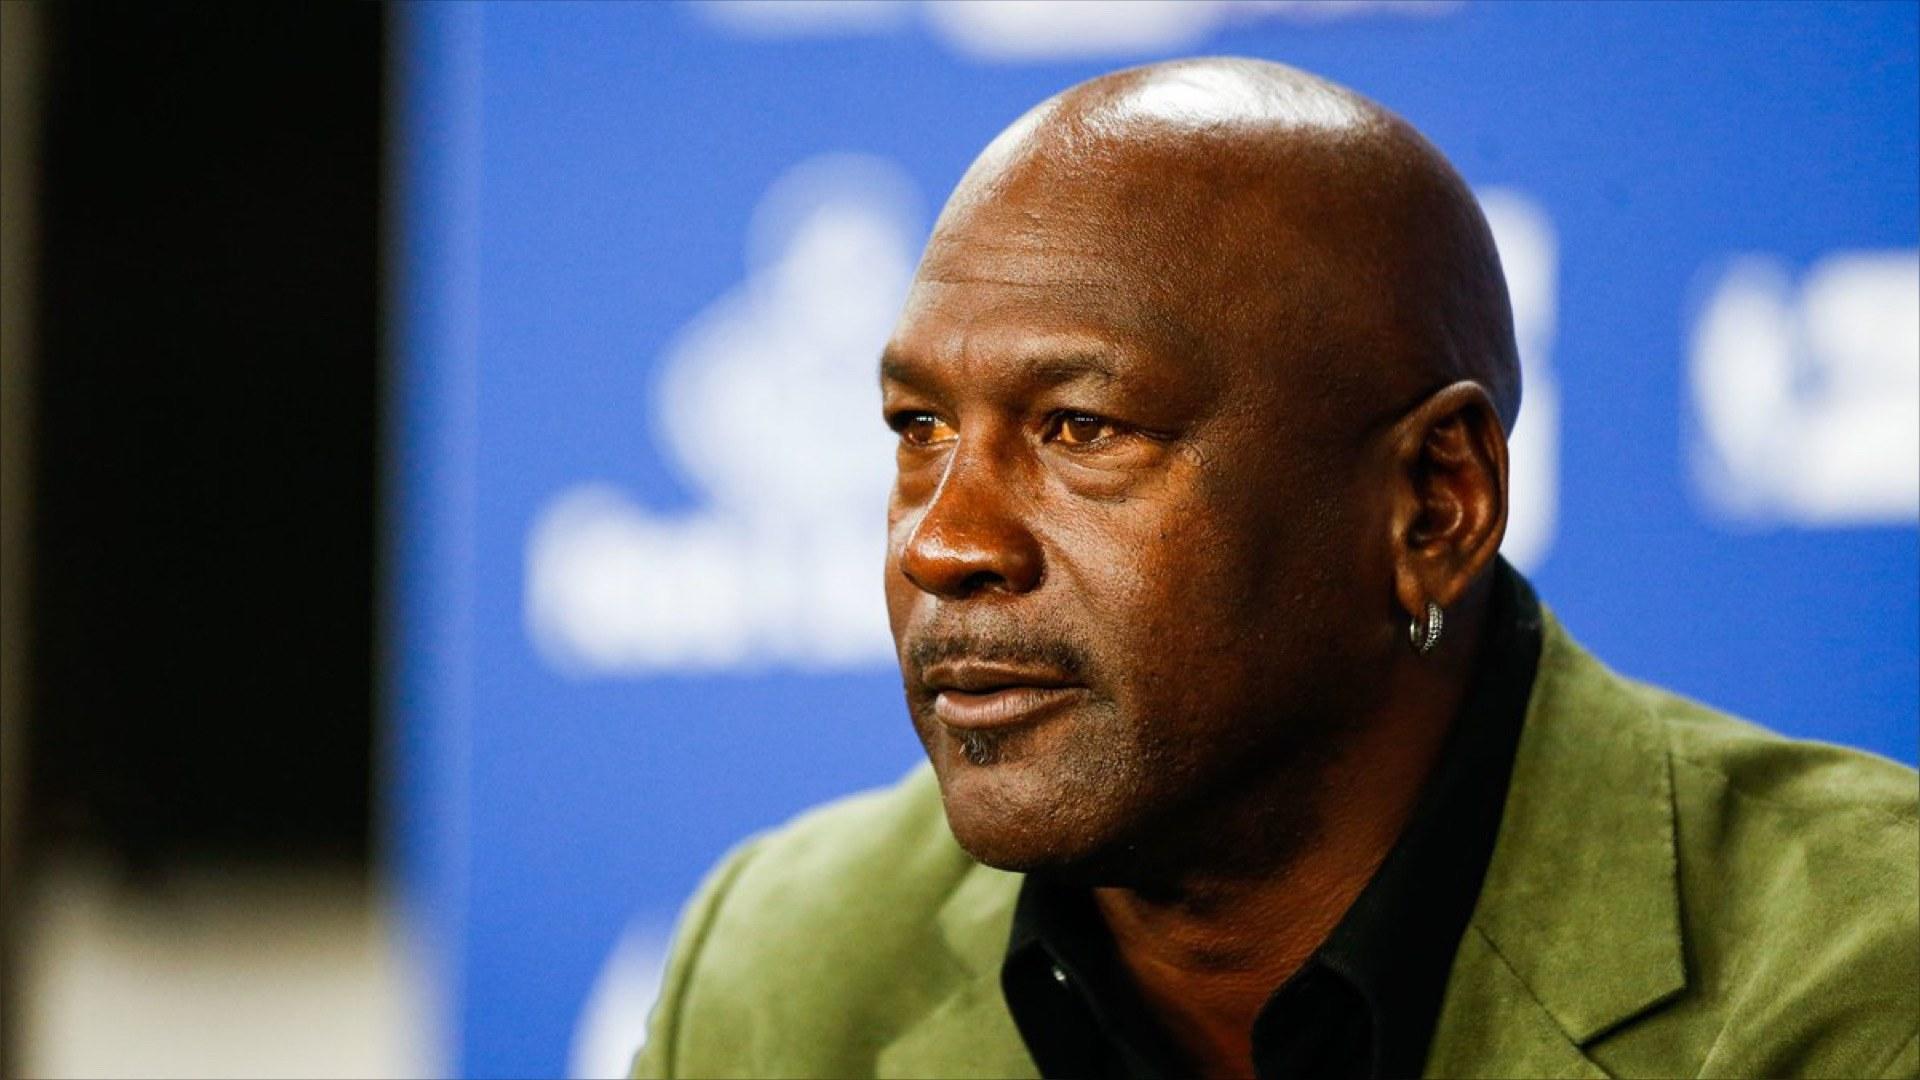 Michael Jordan donne 100 M$ aux organisations œuvrant pour l'égalité raciale...